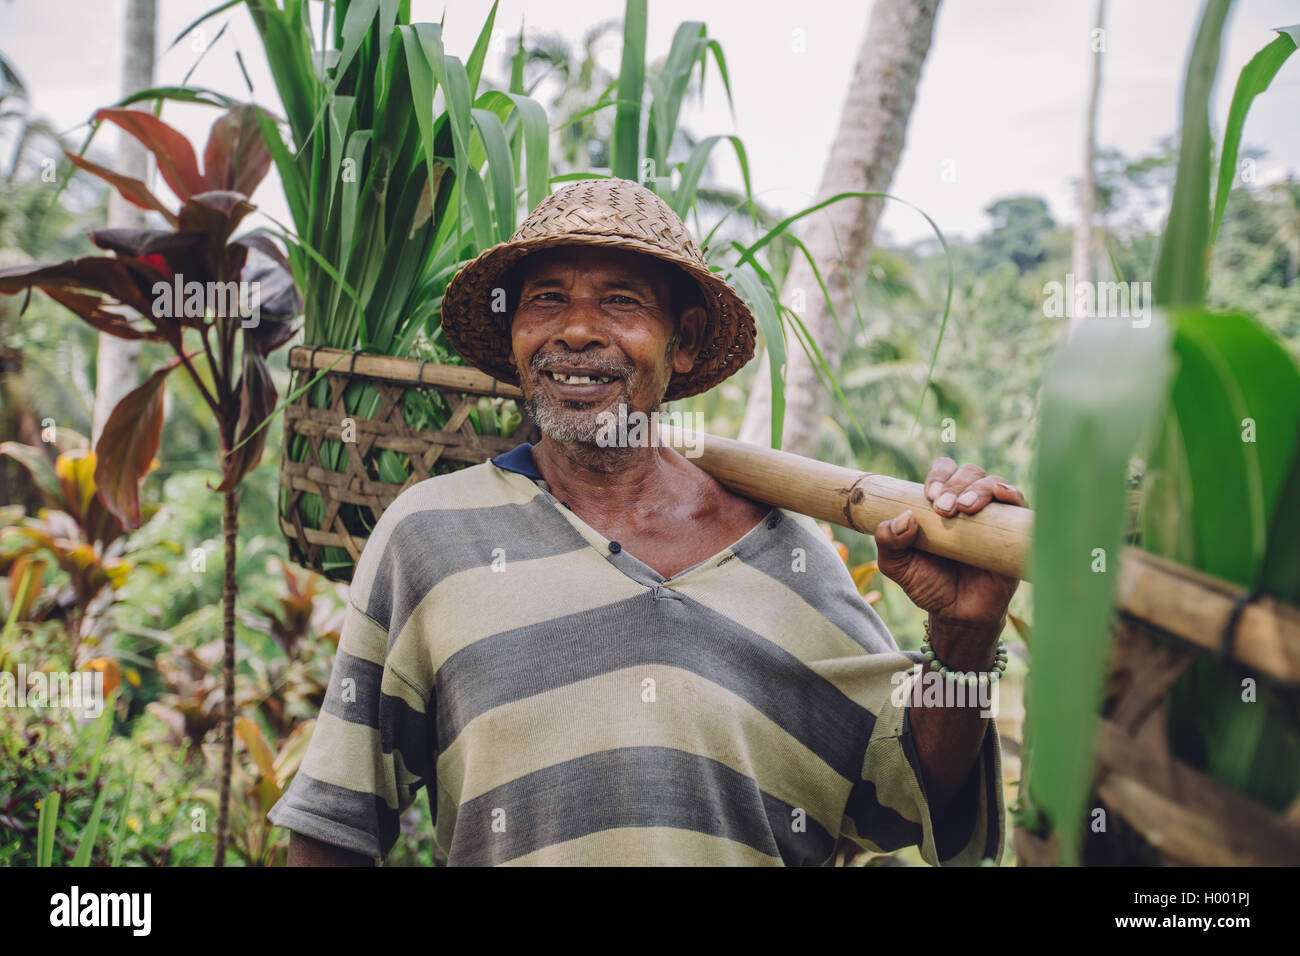 Shot de happy farmer portant un joug sur les épaules avec des semis. Vieux fermier travaillant dans sa ferme. Photo Stock